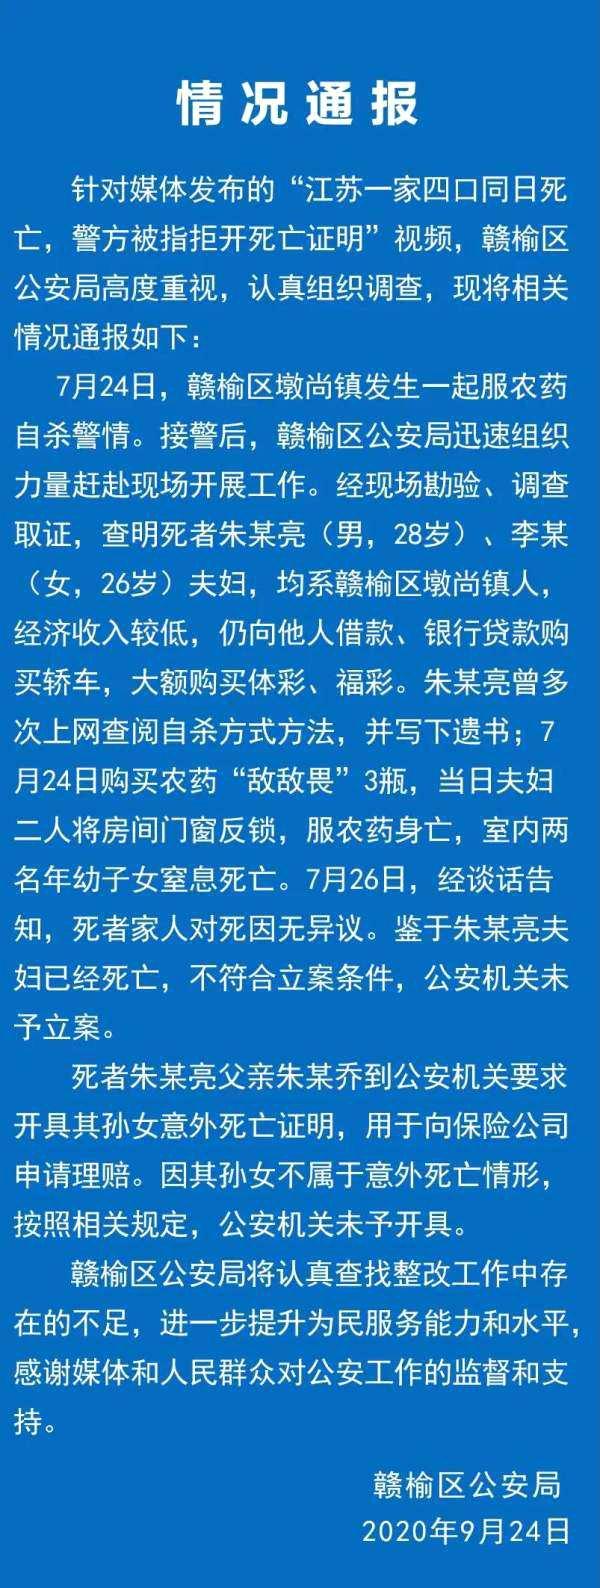 江苏连云港一家四口同日死亡 官方通报来了